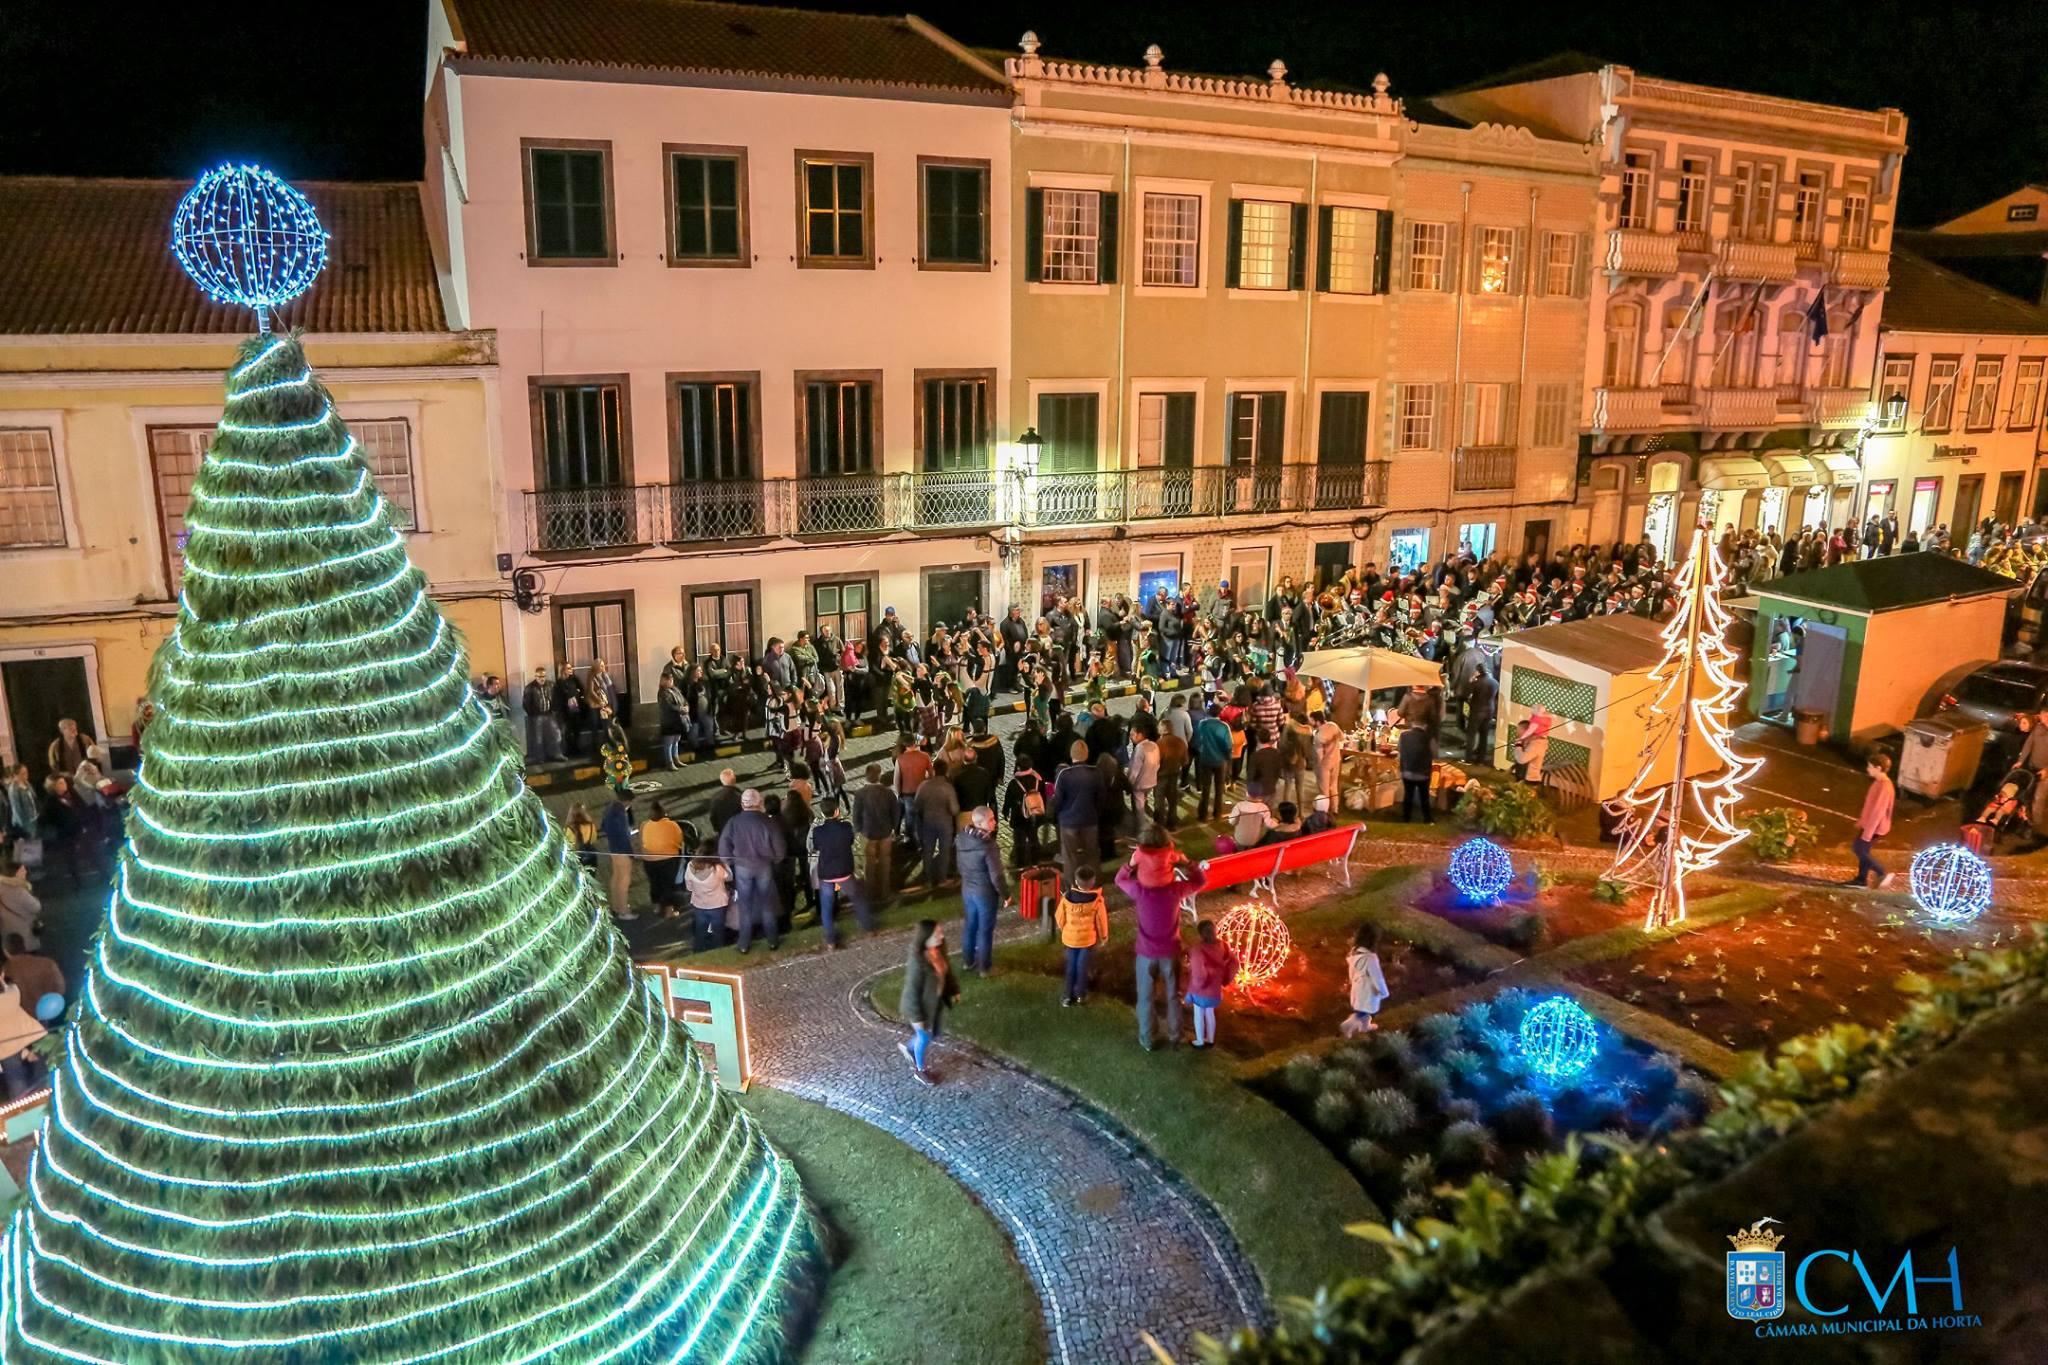 Decorações de Rua e Iluminação de Natal nos Açores 2018